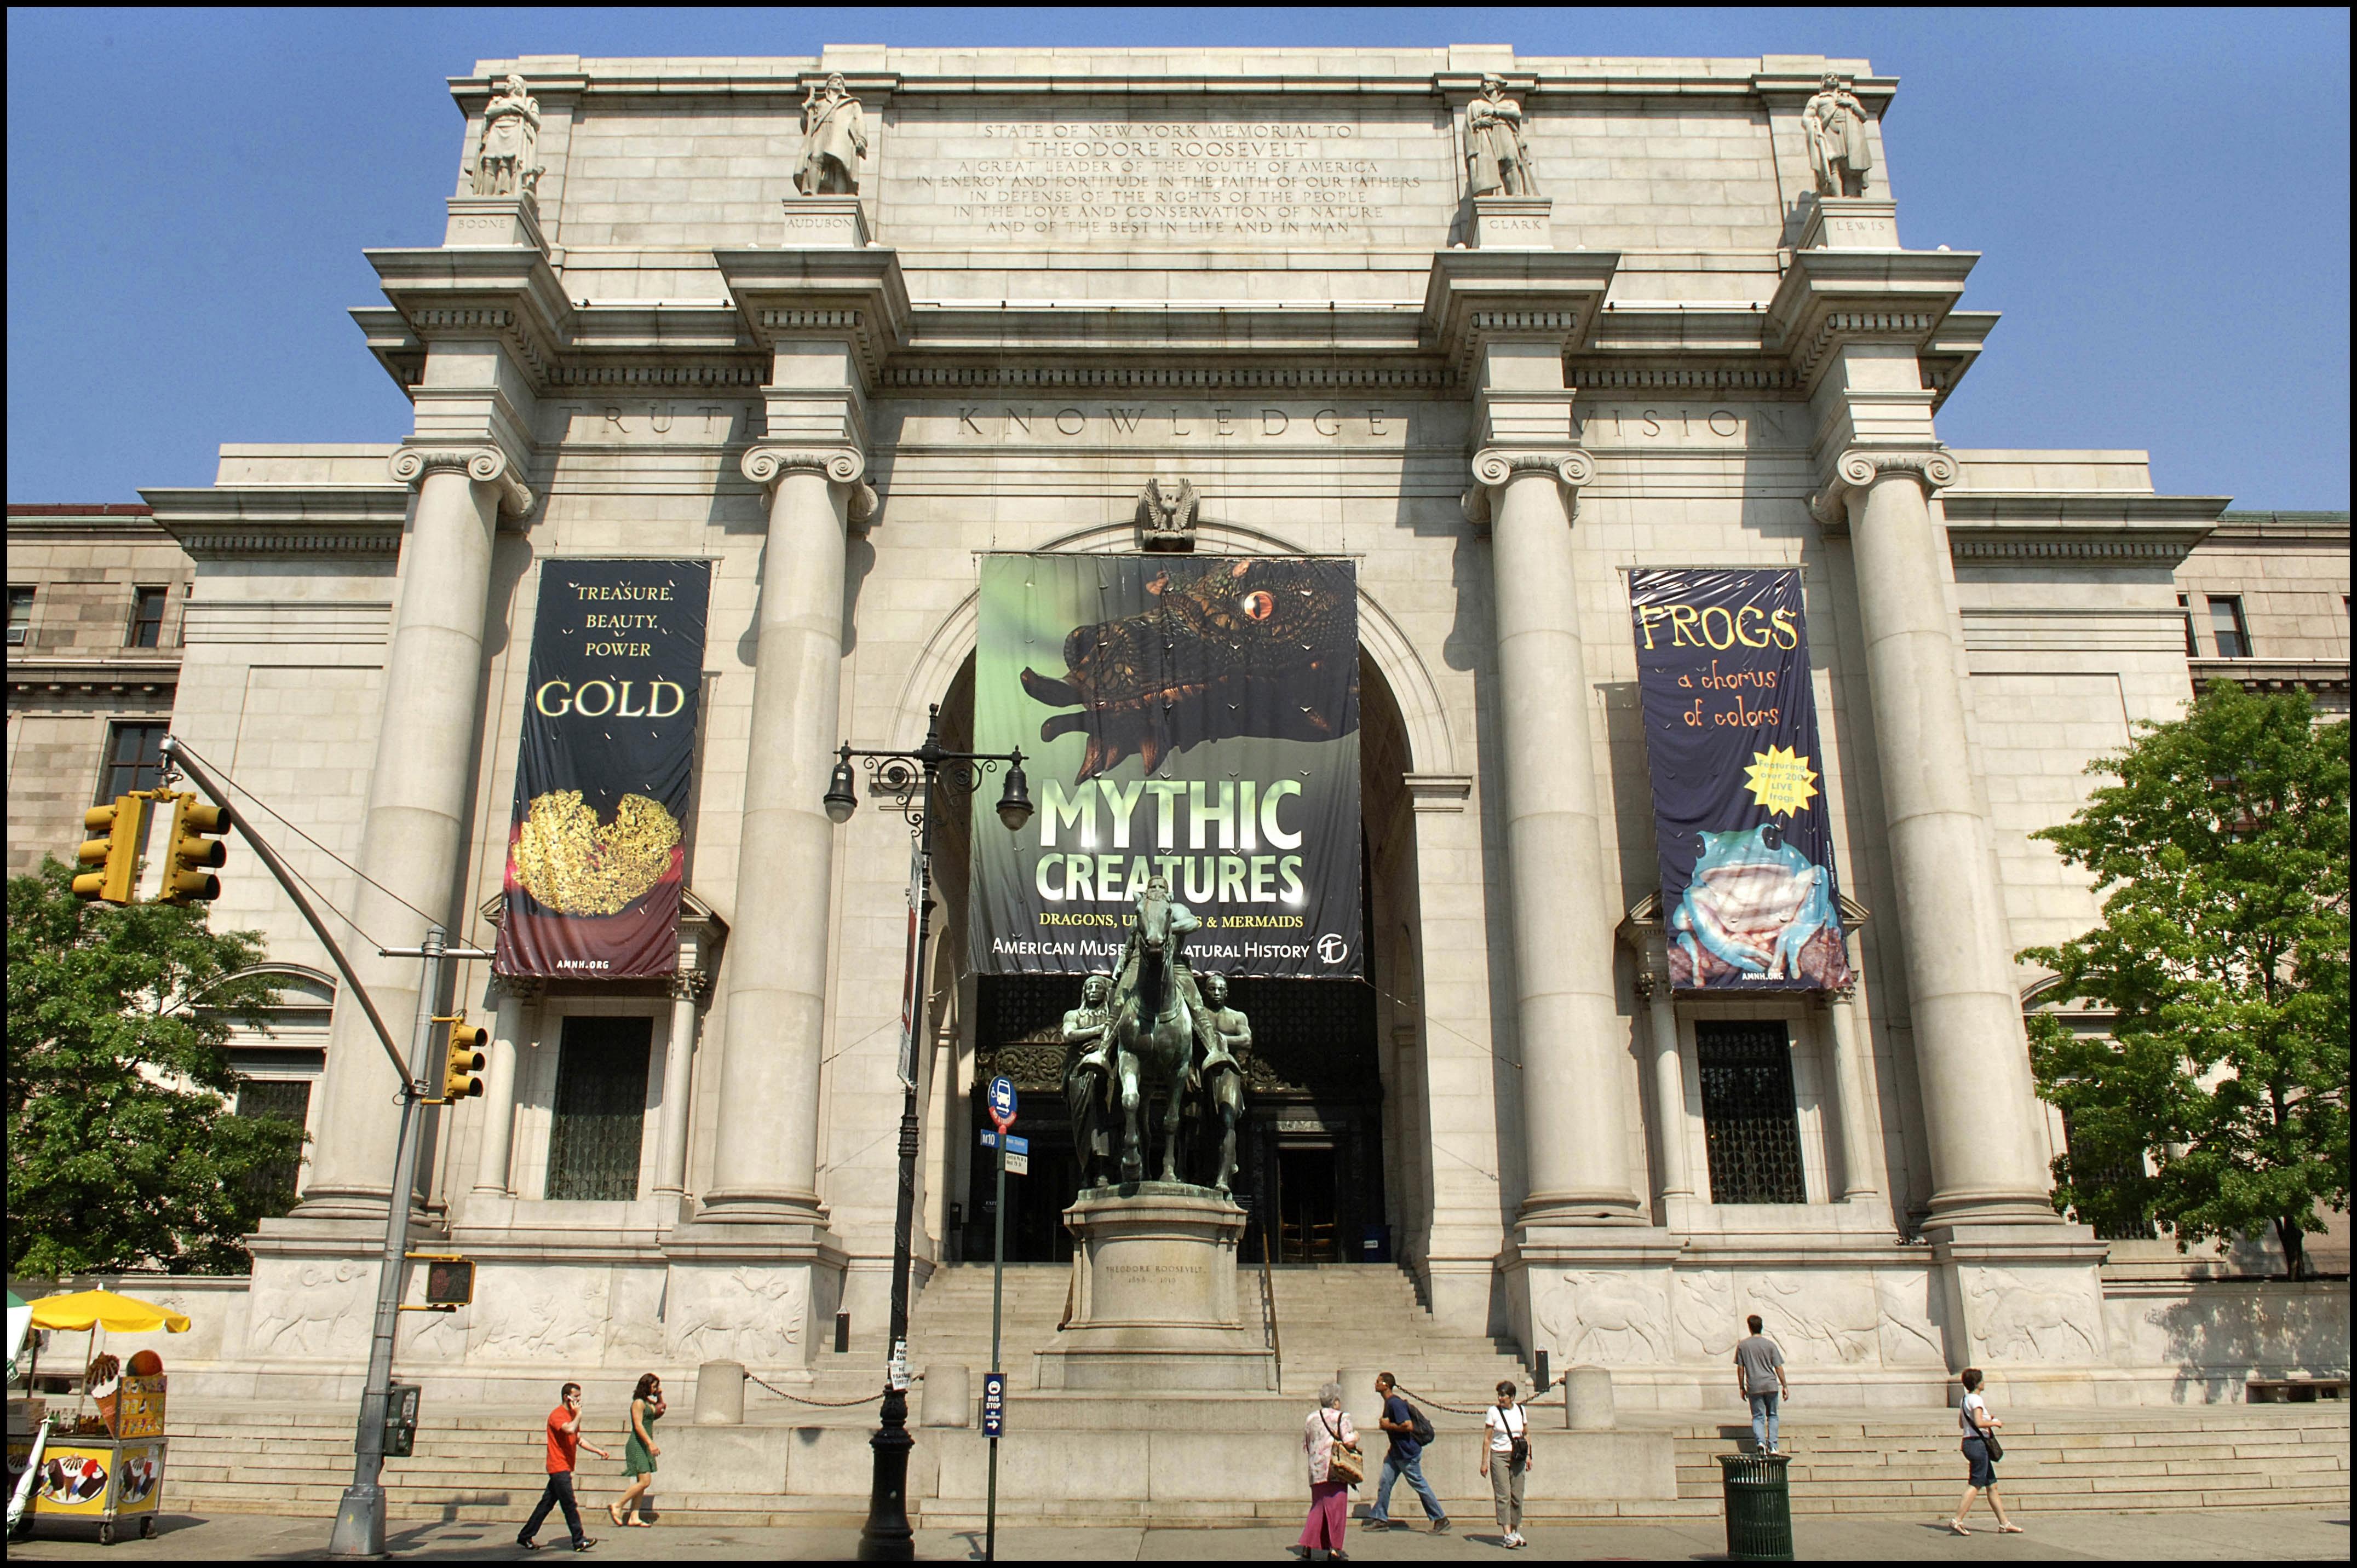 Museo americano de historia natural historias de nueva york for The americano nyc